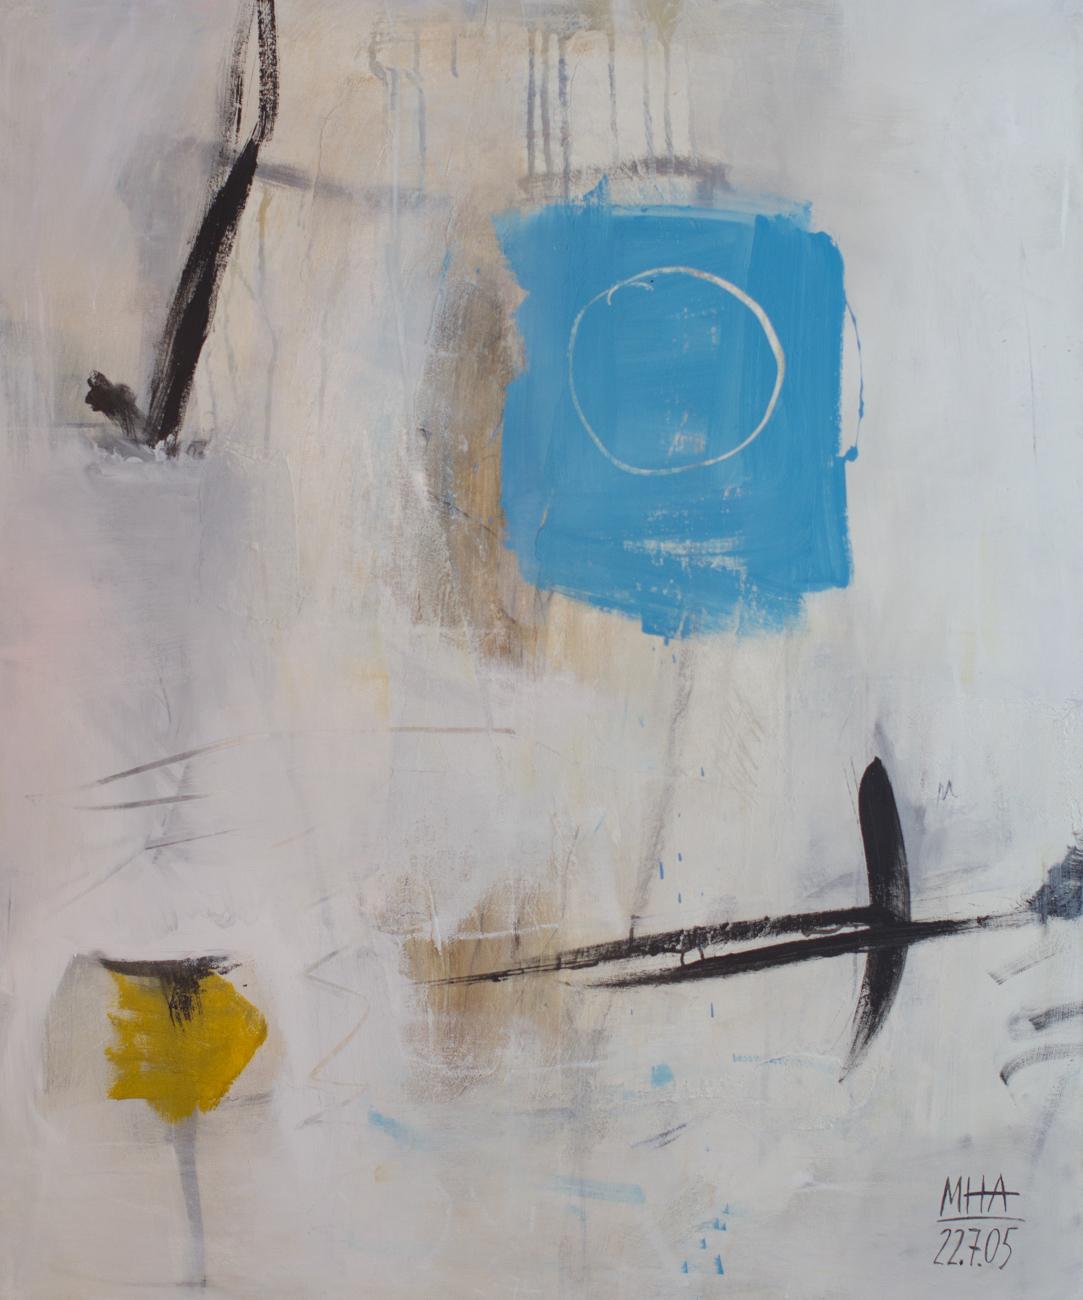 Pflugschar , 2005,Acryl auf Leinwand - Mischtechnik, 100x120 cm